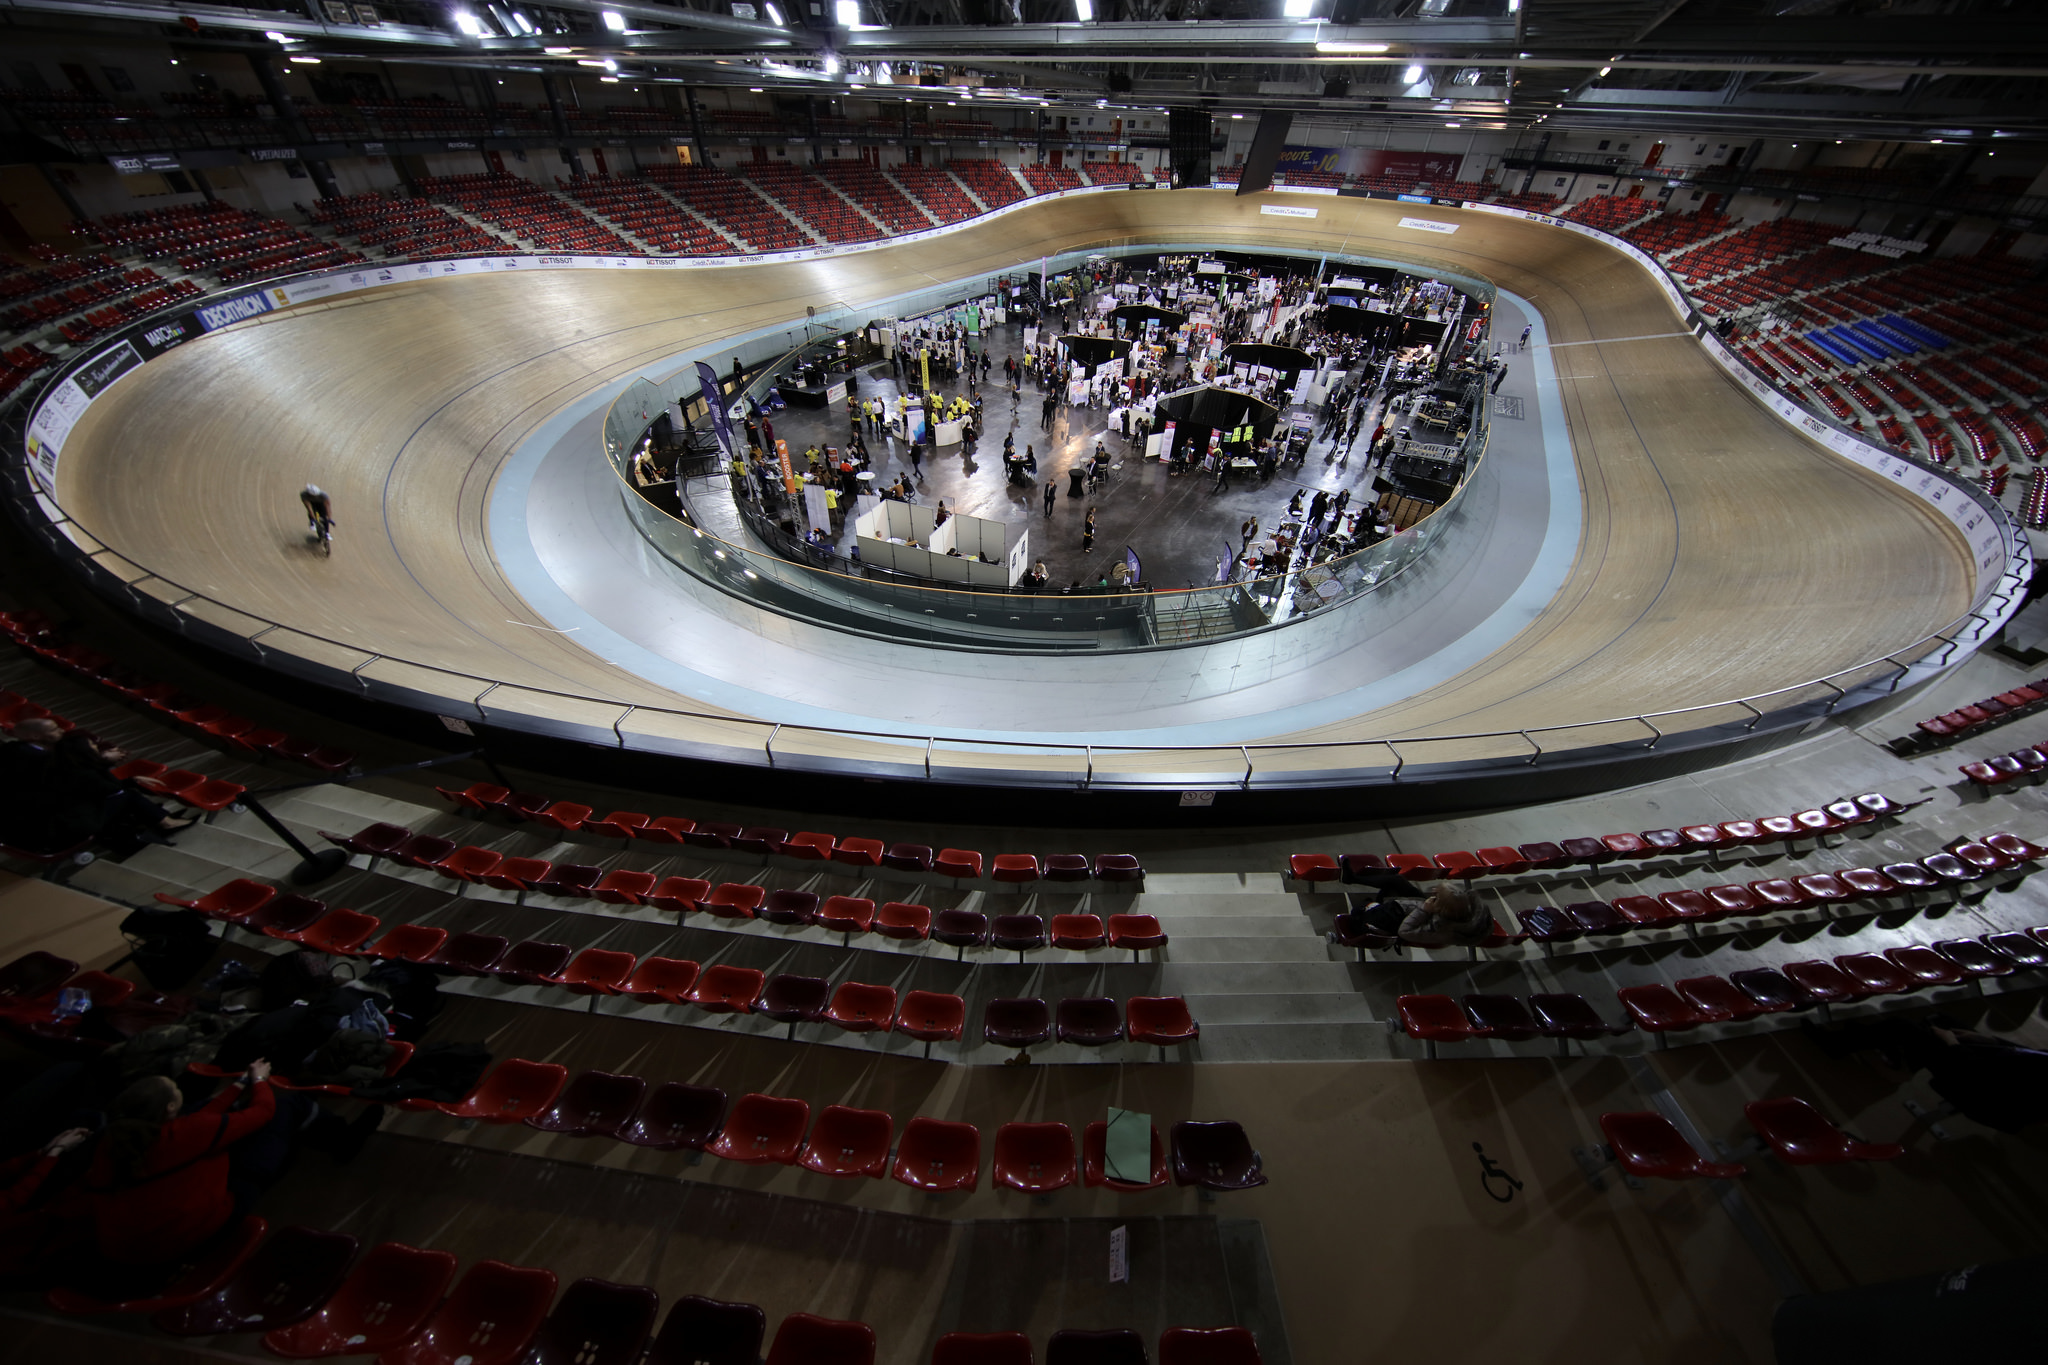 Le Vélodrome National : un équipement unique et prestigieux